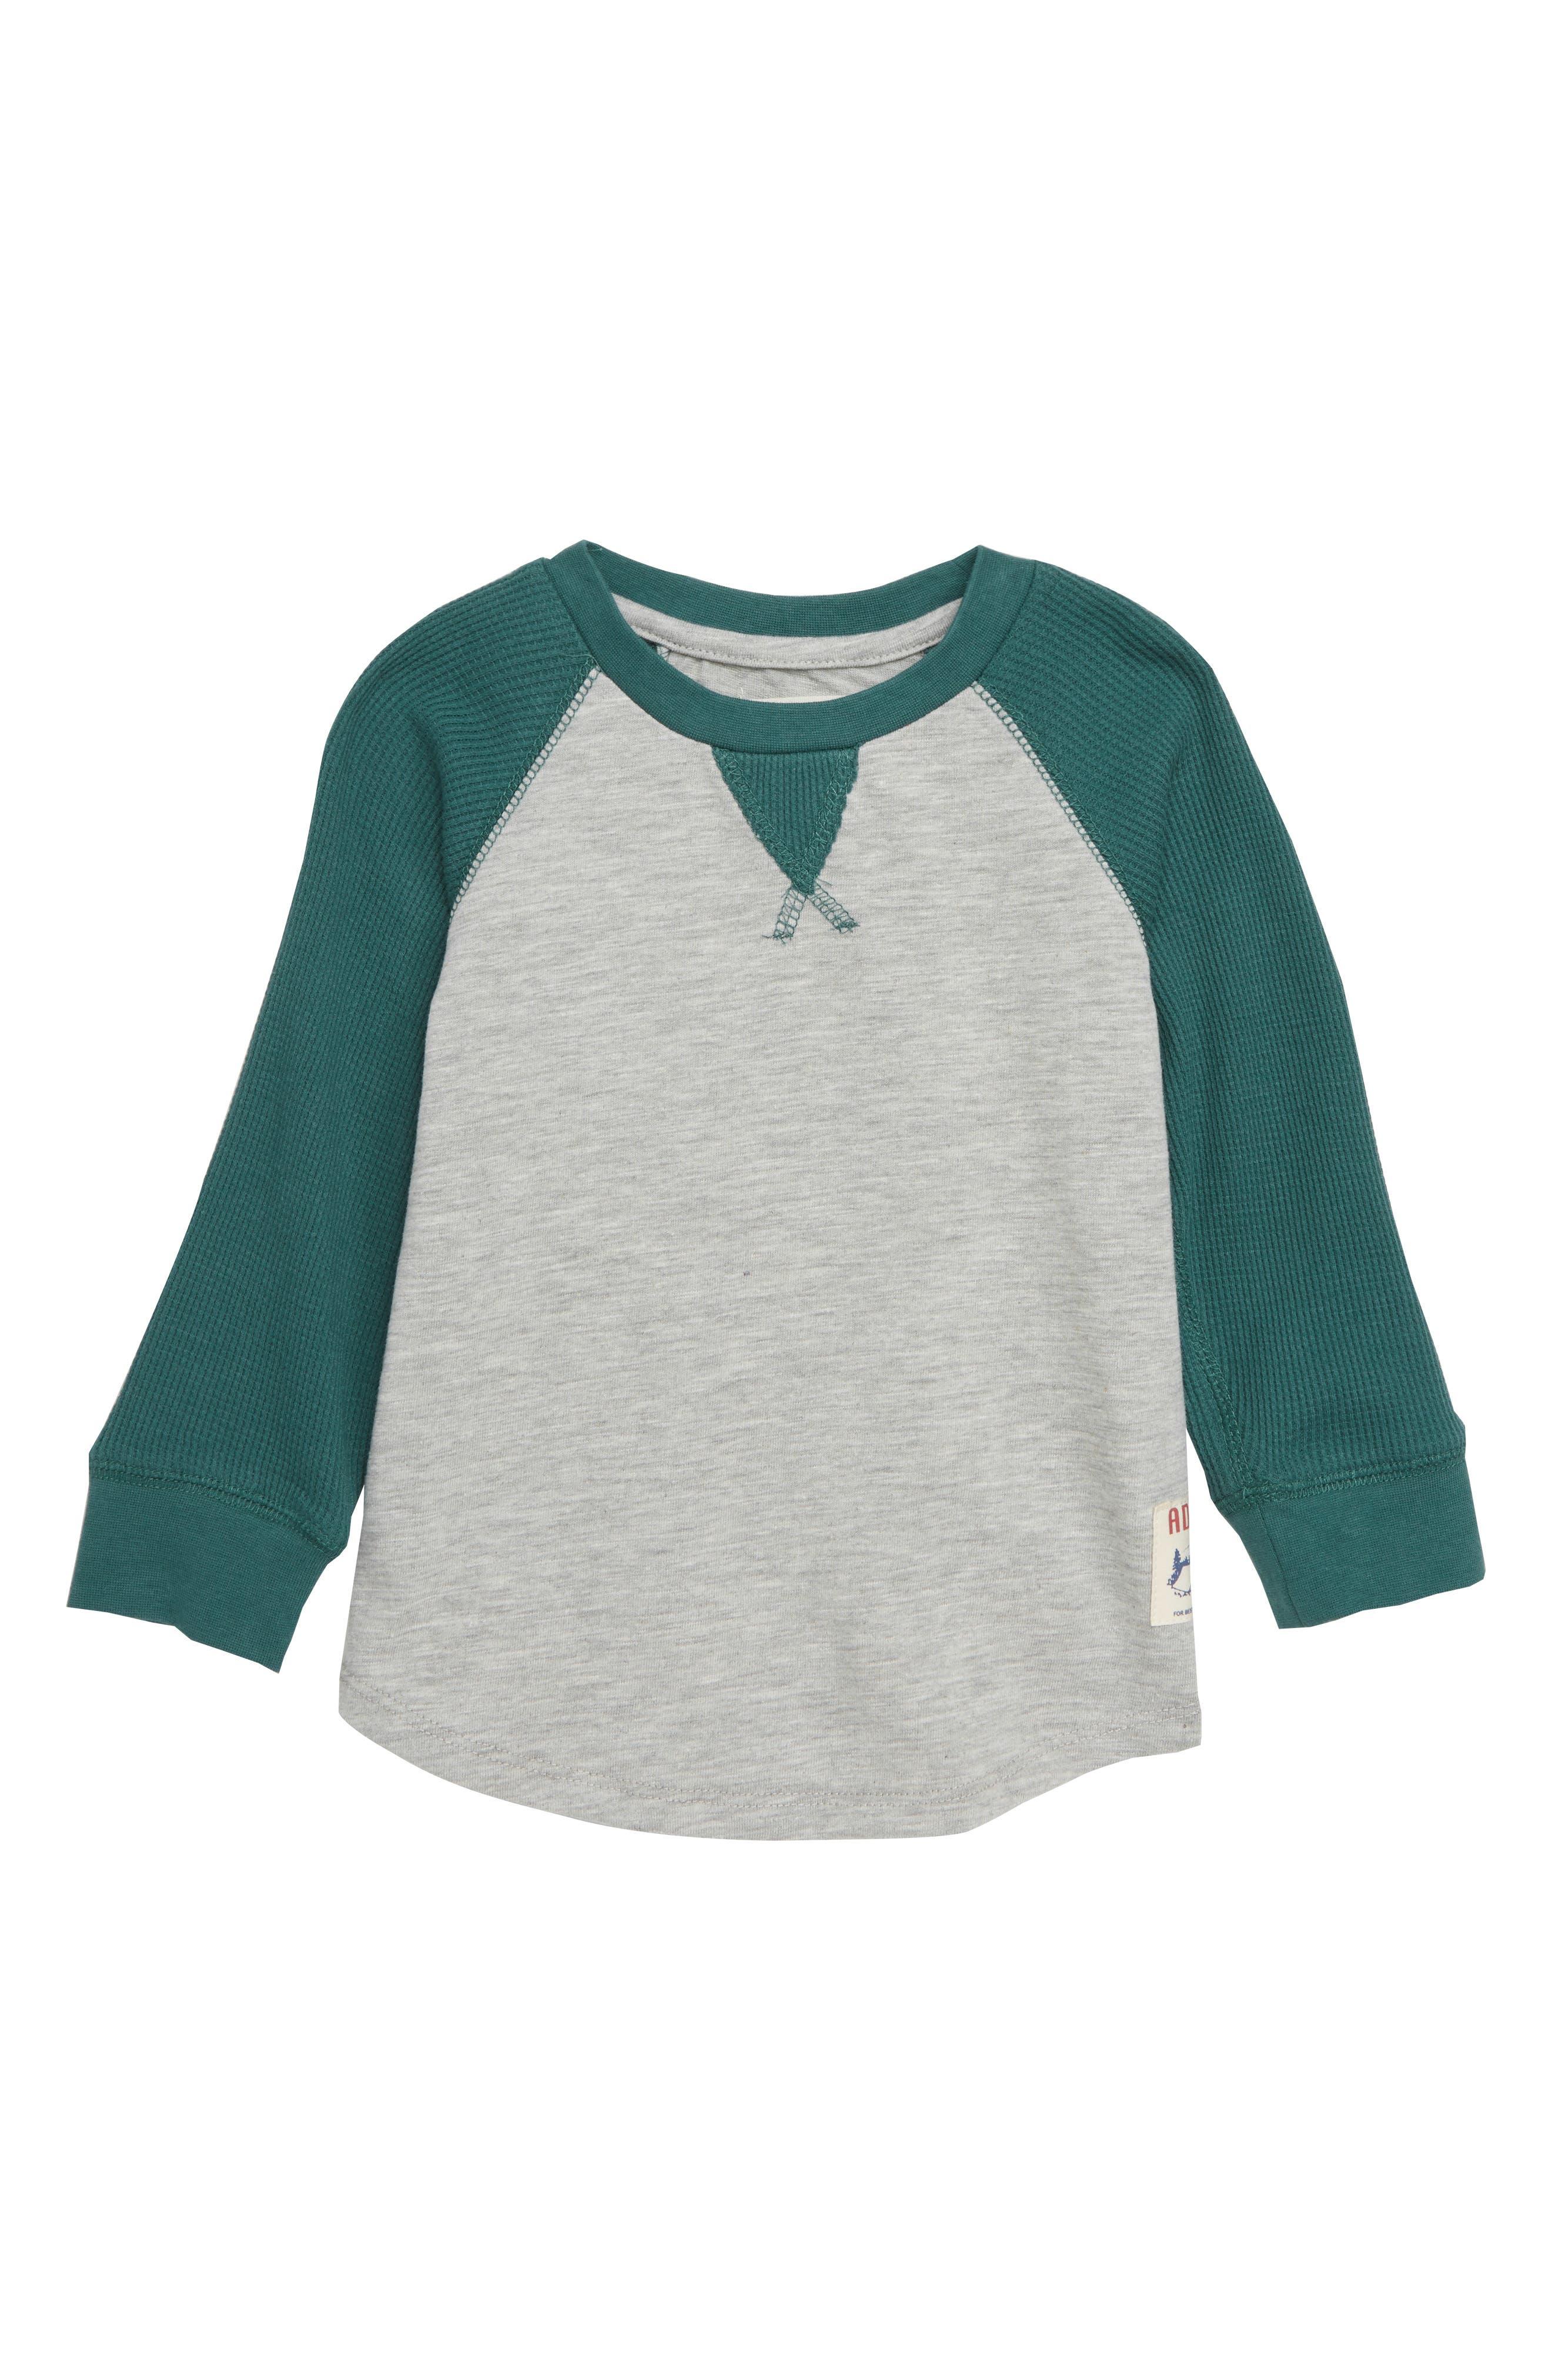 PEEK AREN'T YOU CURIOUS Peek Mixed Knit Raglan T-Shirt, Main, color, 300